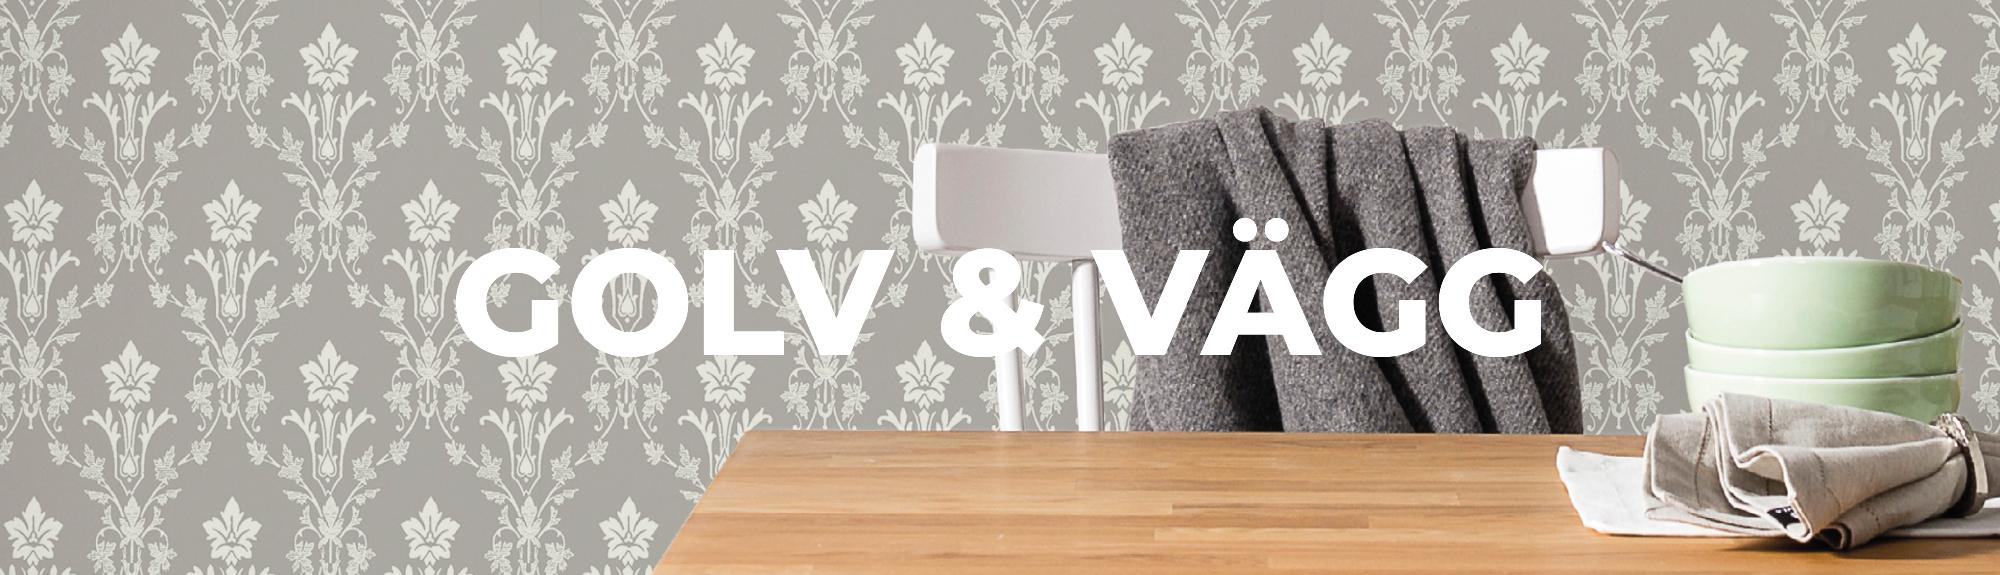 Kategori Golv & Vägg Villahome.se Banner